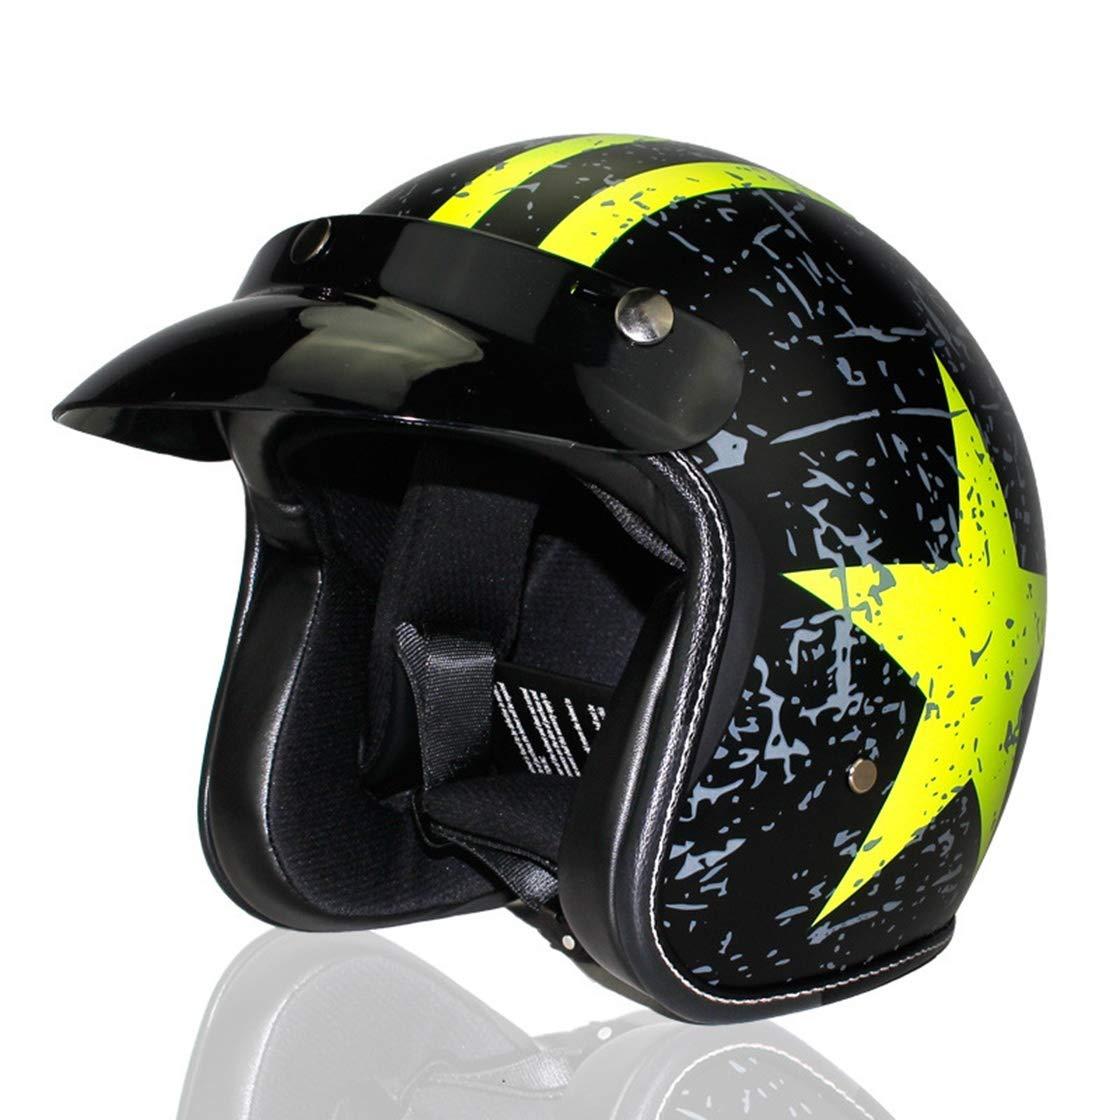 Ysayc Retro Motocross Helme Pentagramm Leicht Ausrüstung im Freien Klassisch Multifunktion Abnehmbare Sonnenblende Radfahren Motorrad Schutz Deluxe Helm, Schwarz, L